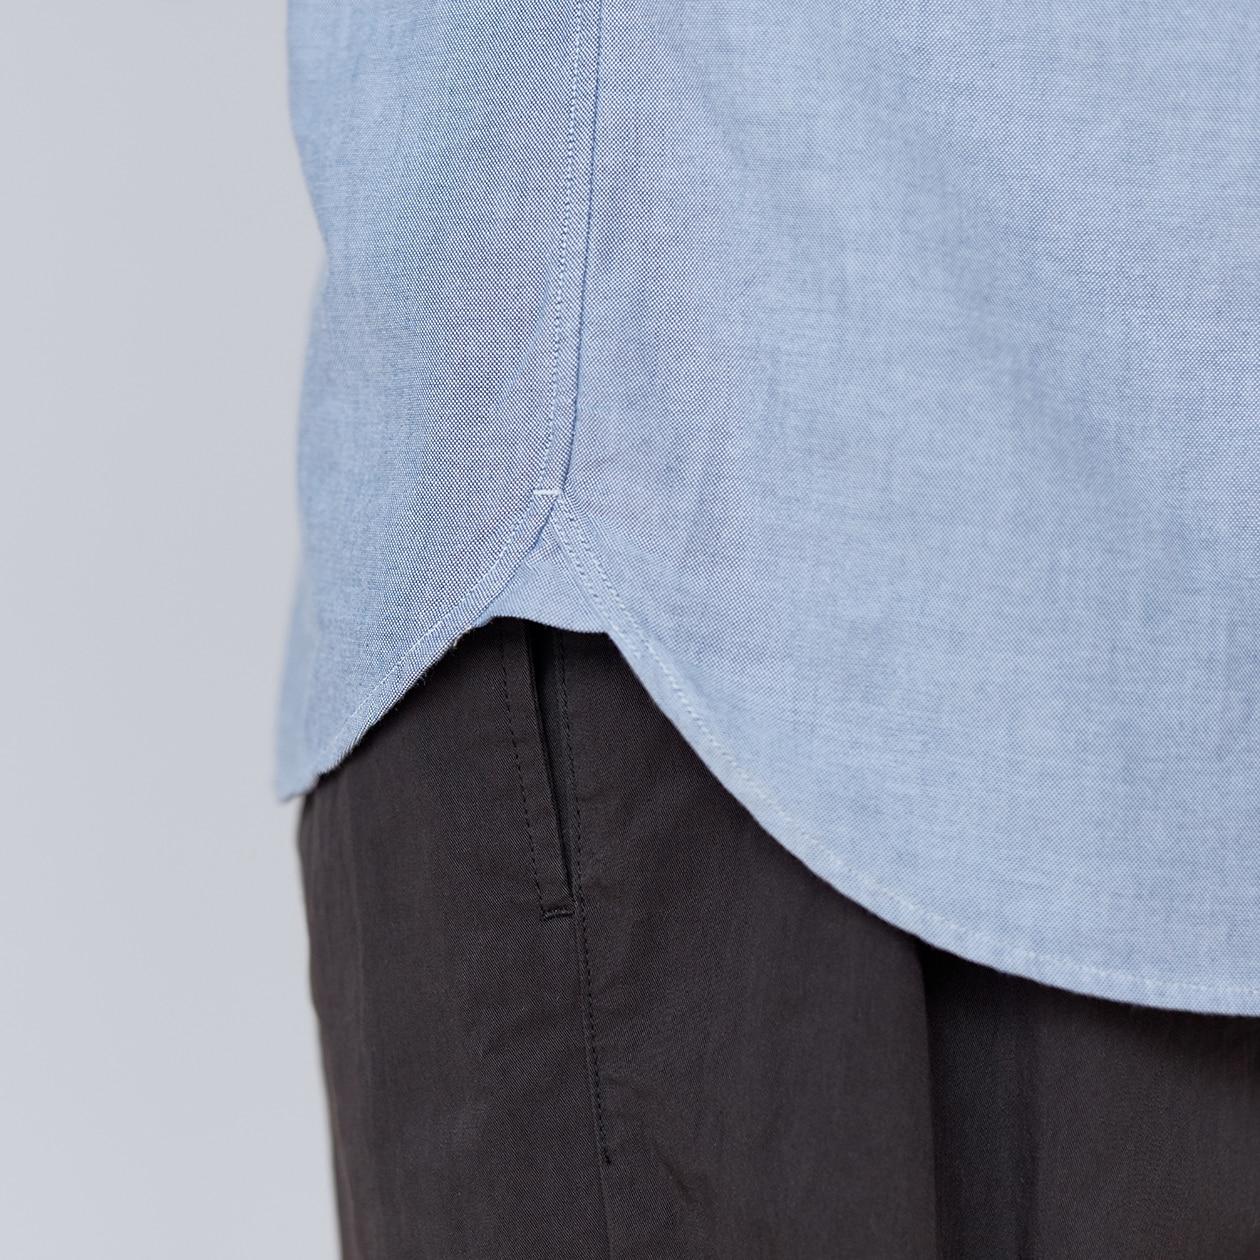 記事内画像:003【商品担当者が語る無印良品】オックスフォードのシャツ ②